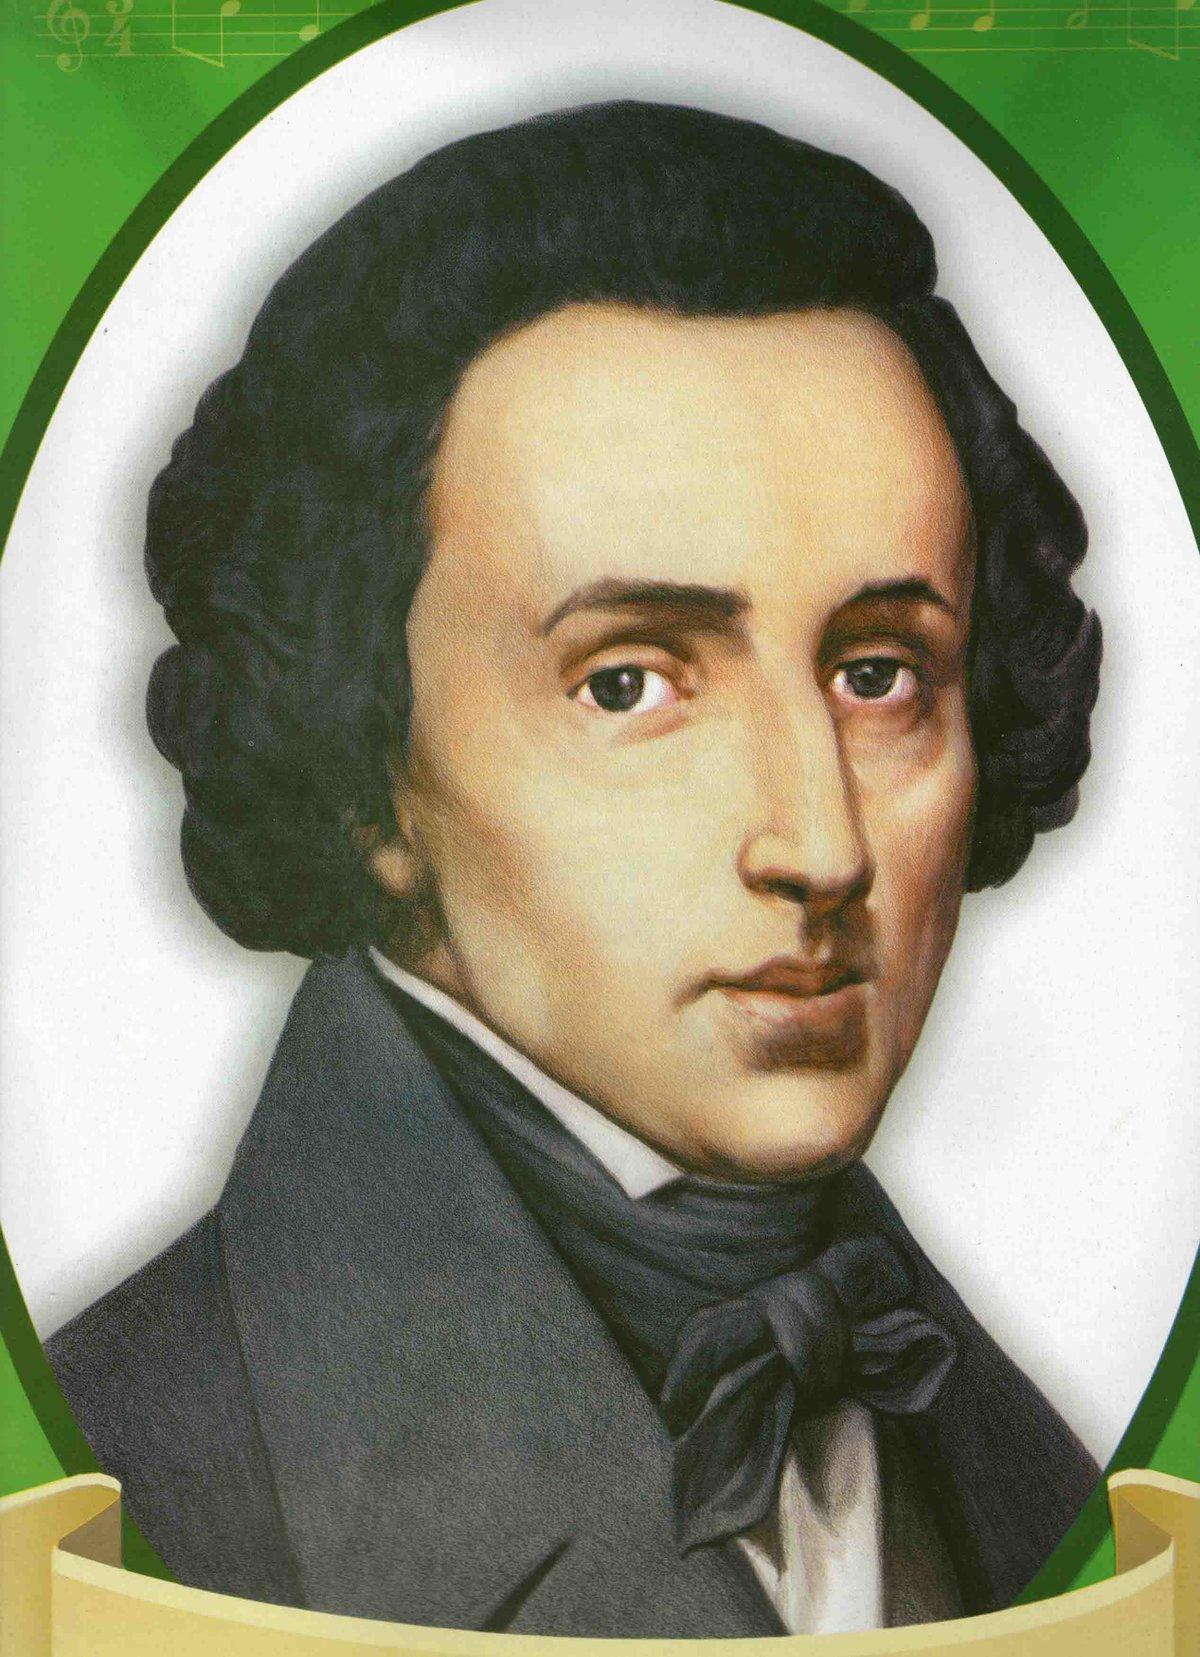 Виде, картинки портреты композиторов для уроков музыки с надписями фото